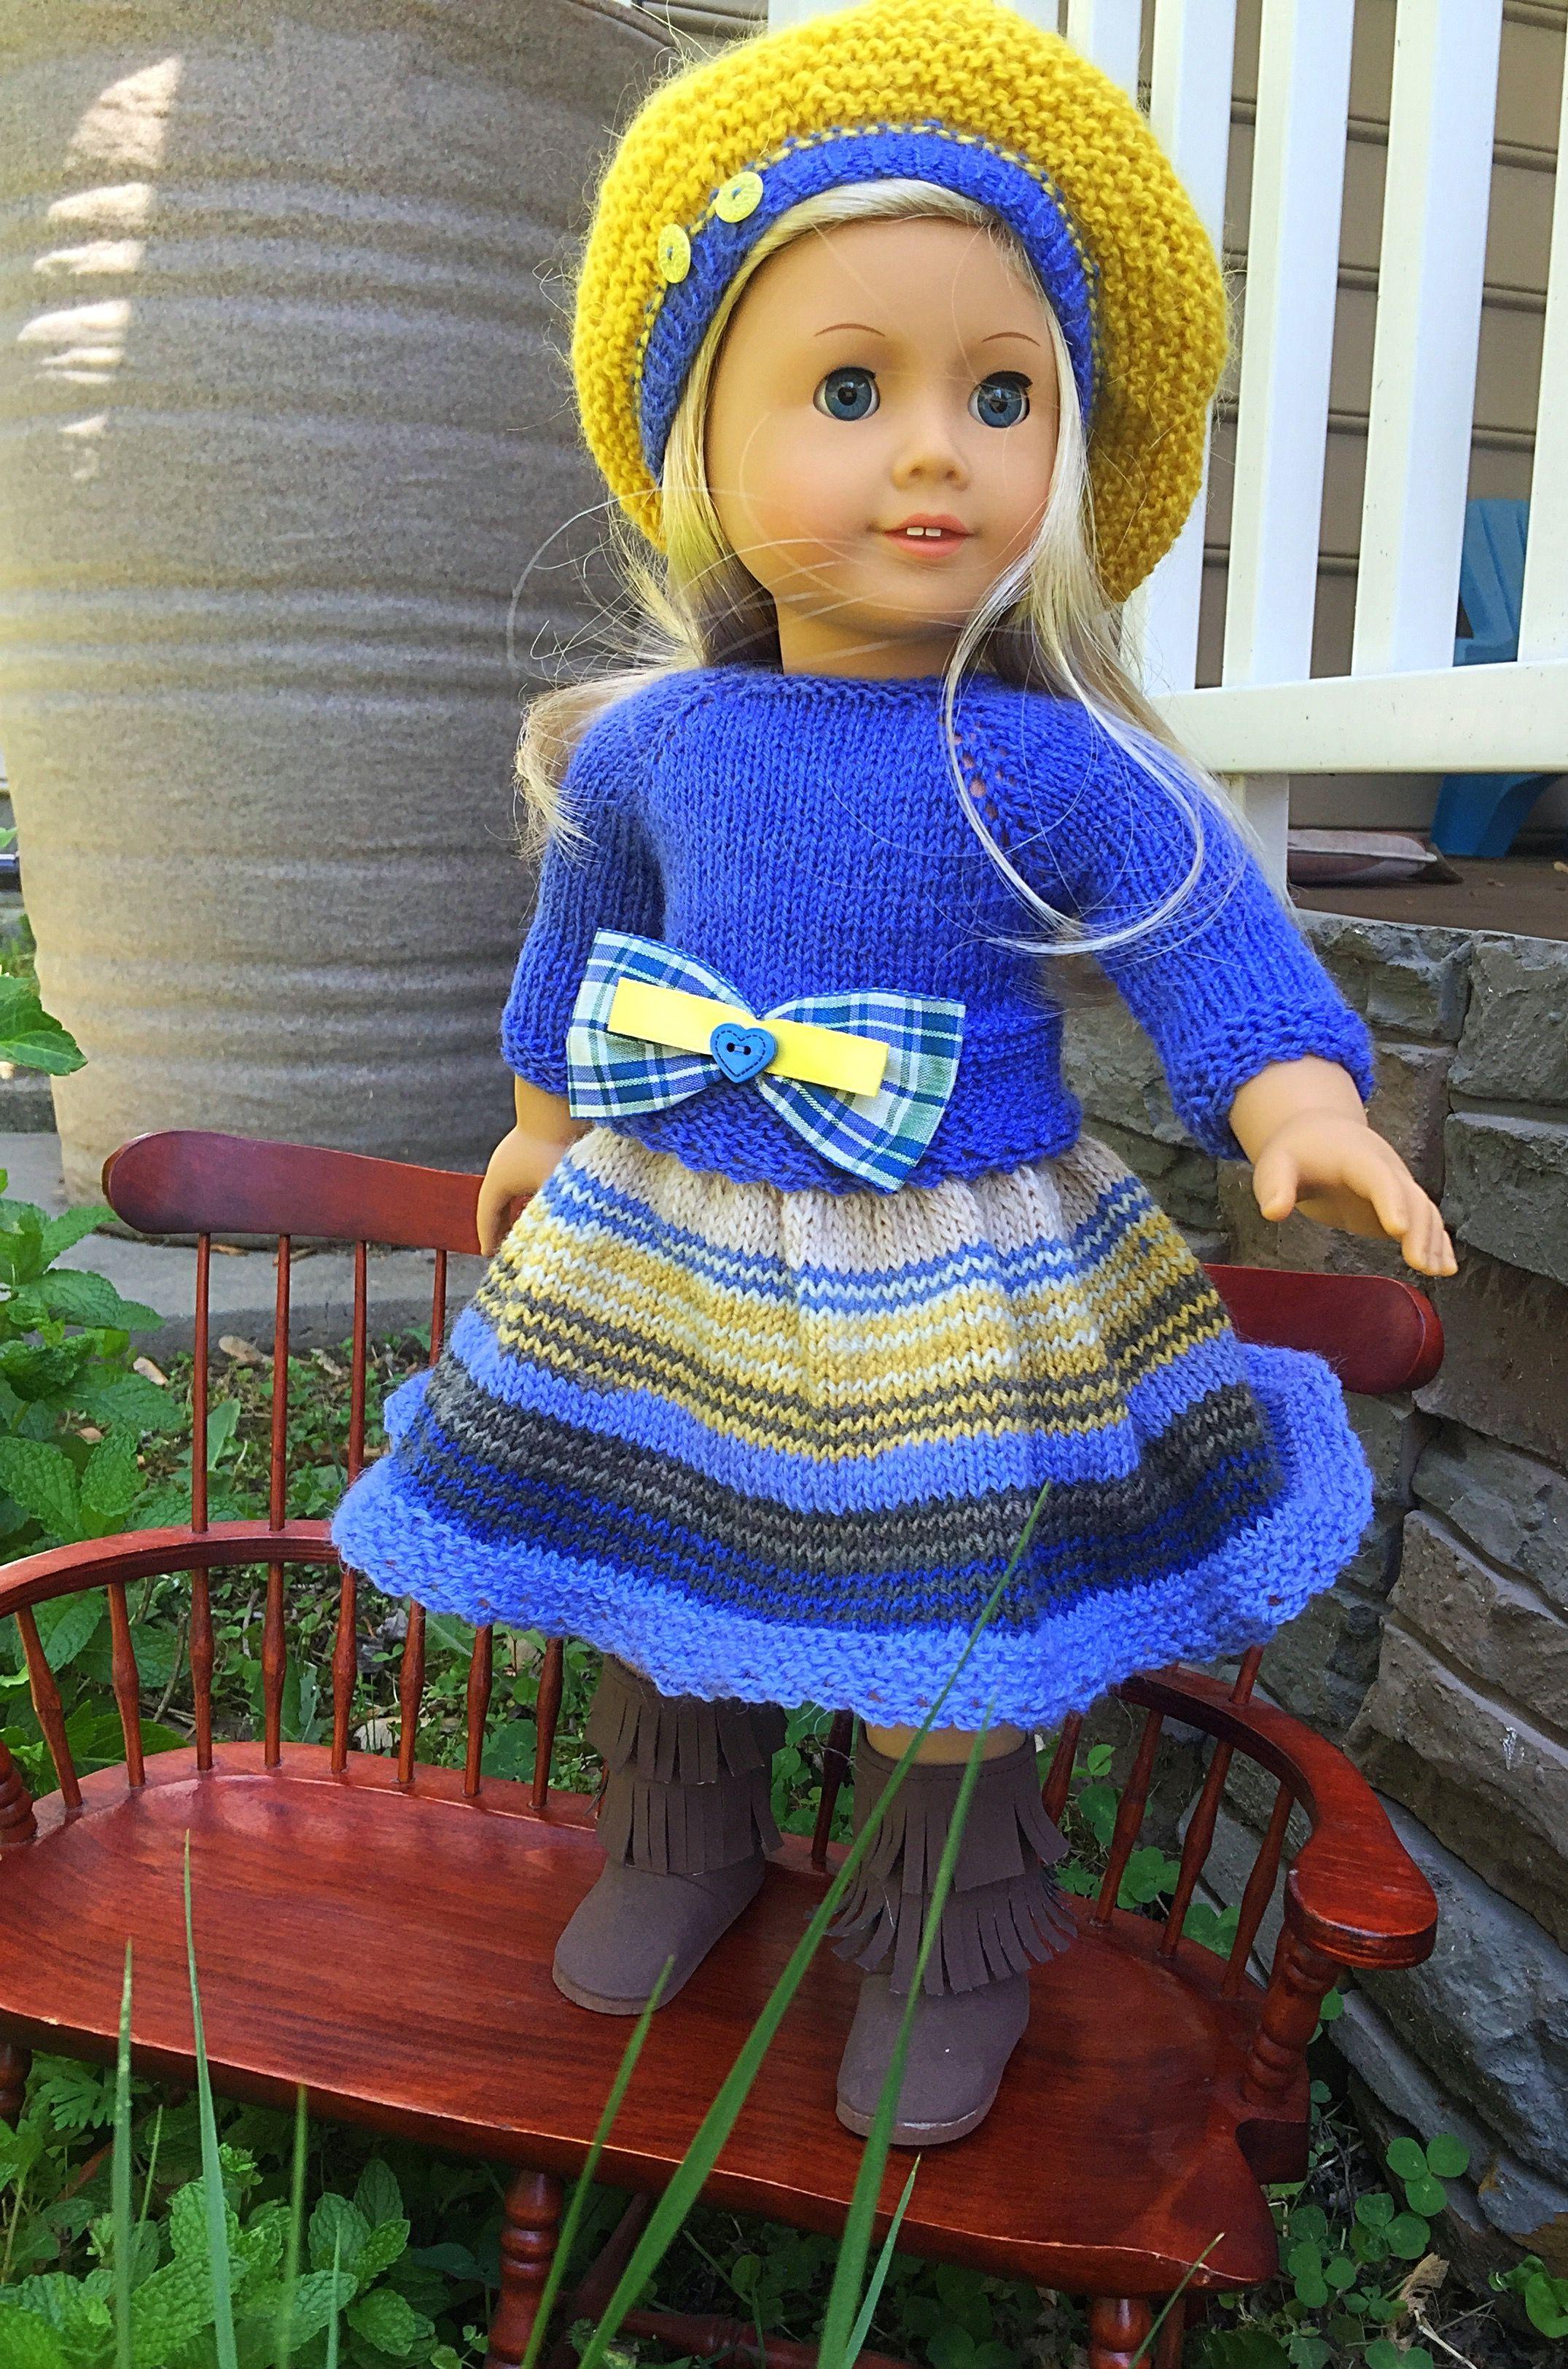 Pin de Cathy Conaway en Doll projects 18 inch dolls | Pinterest ...